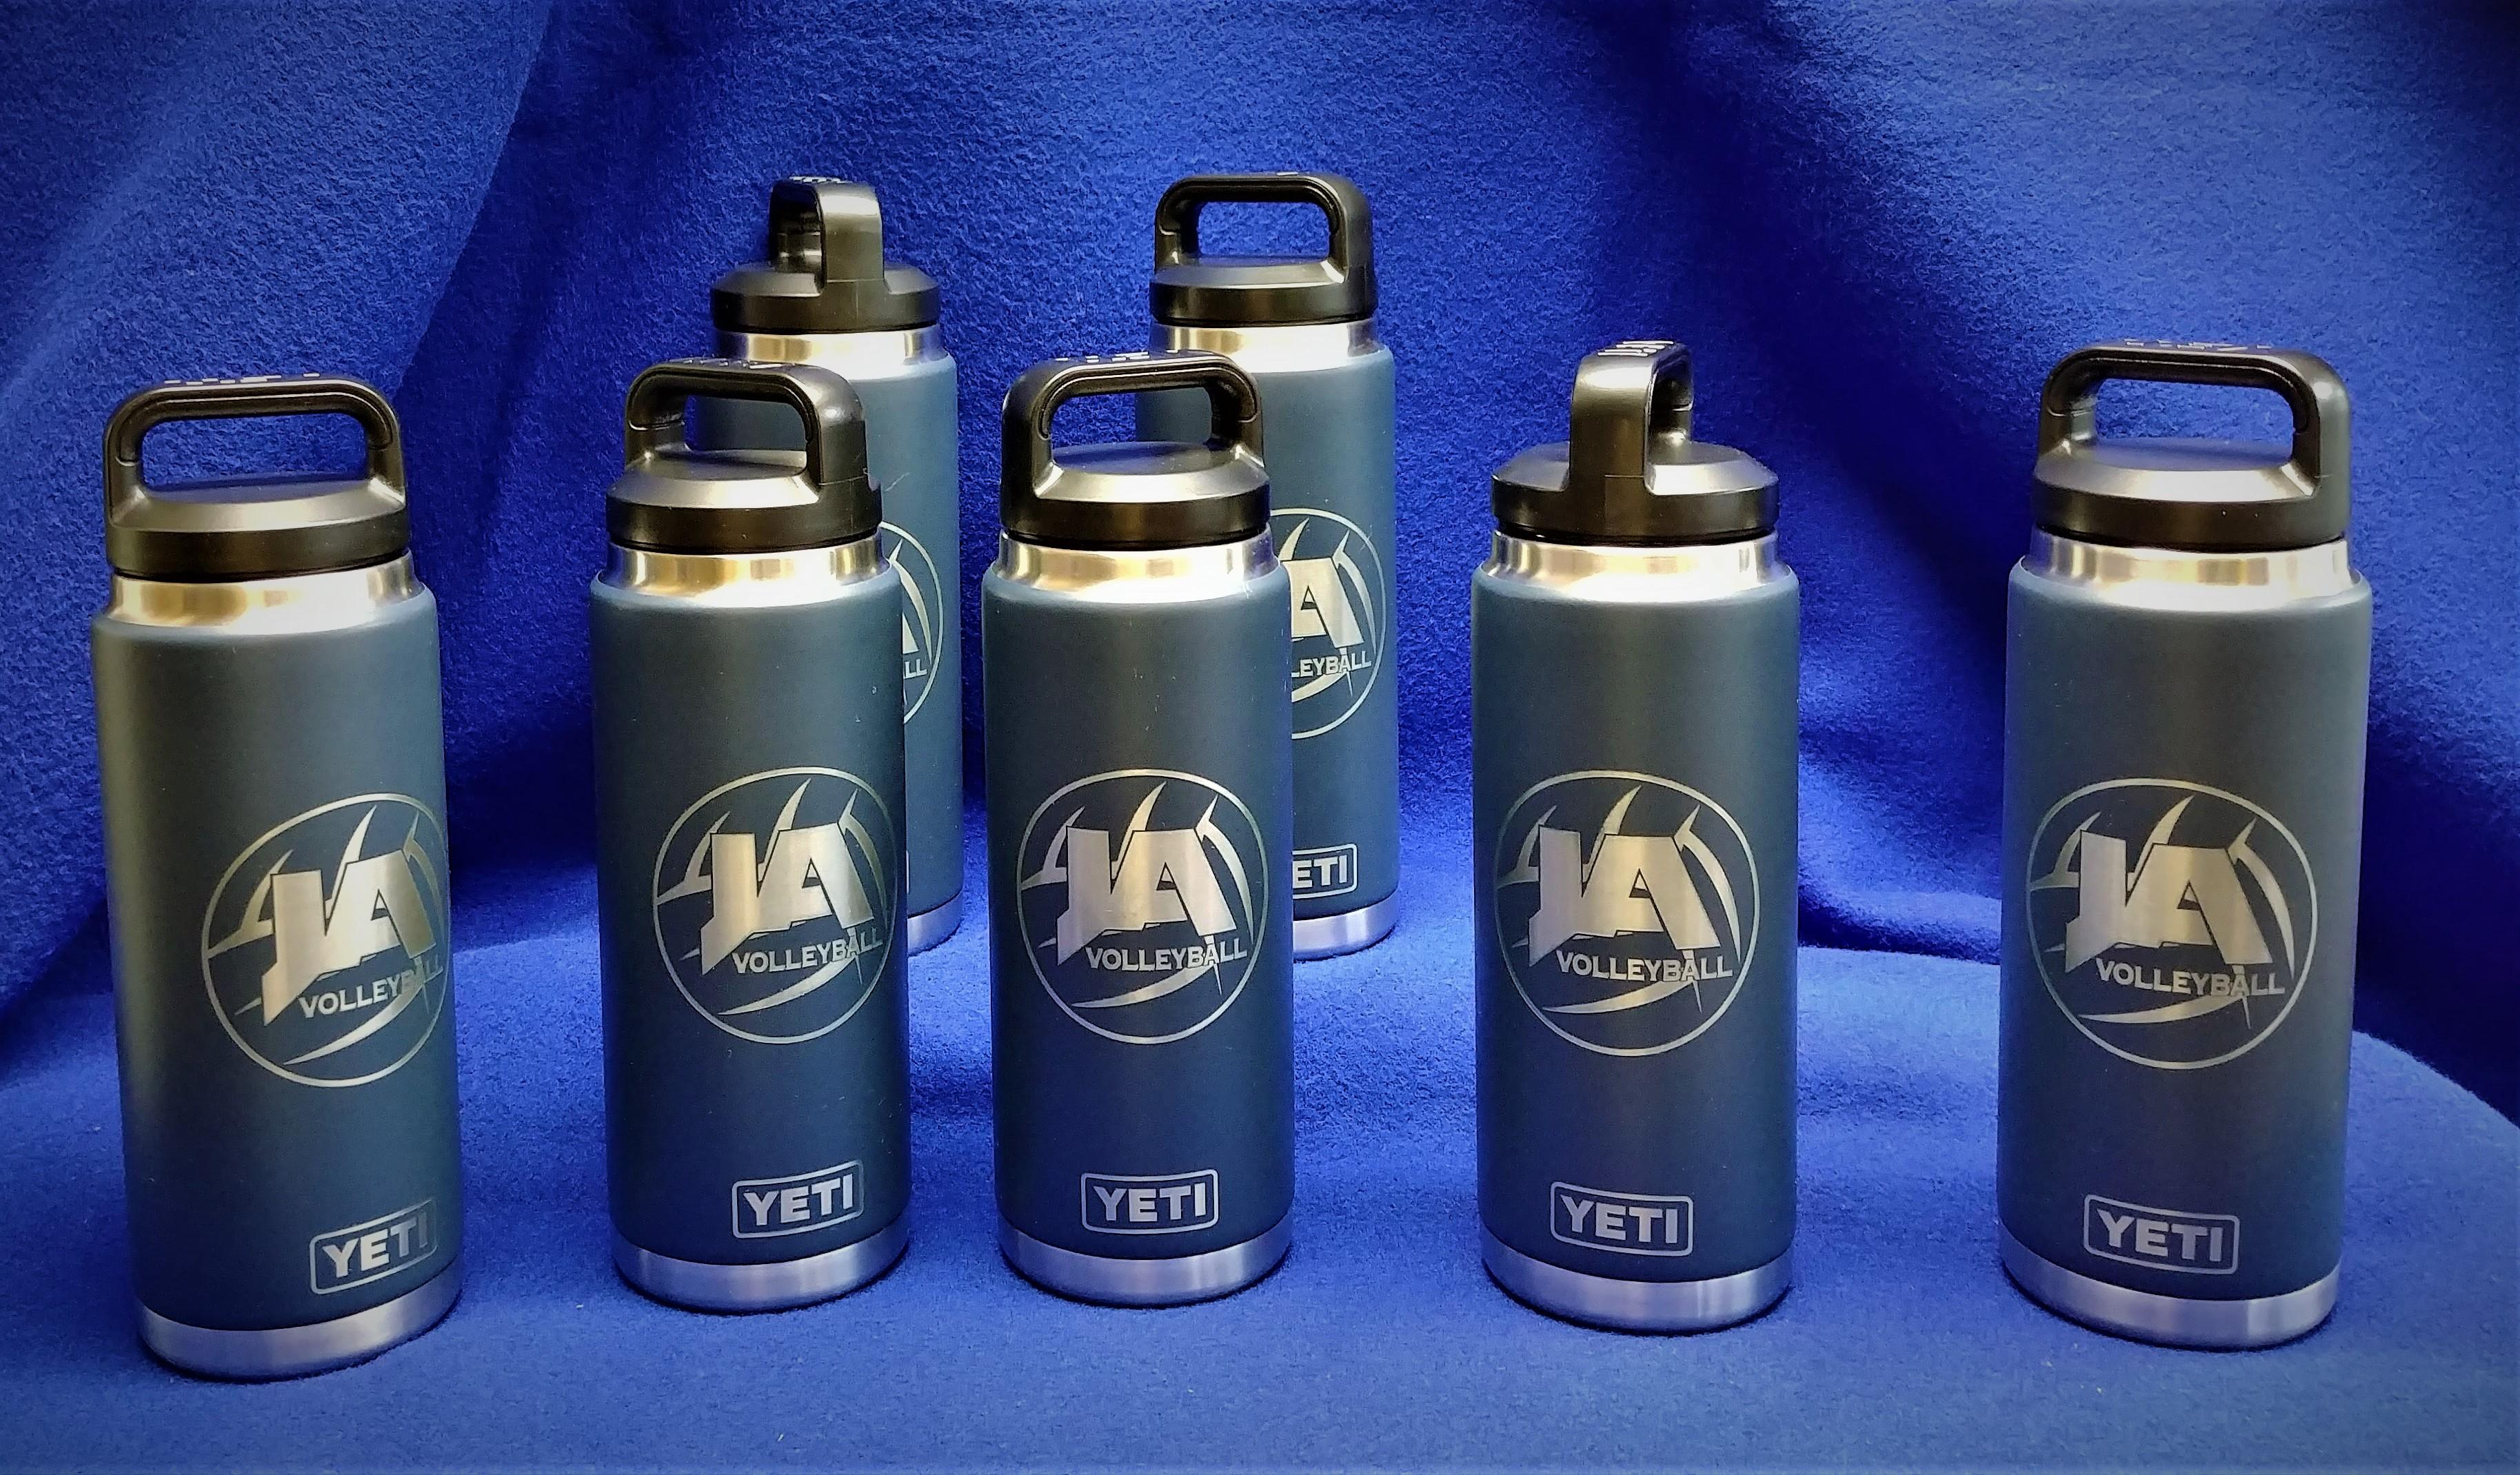 Yeti drinkware